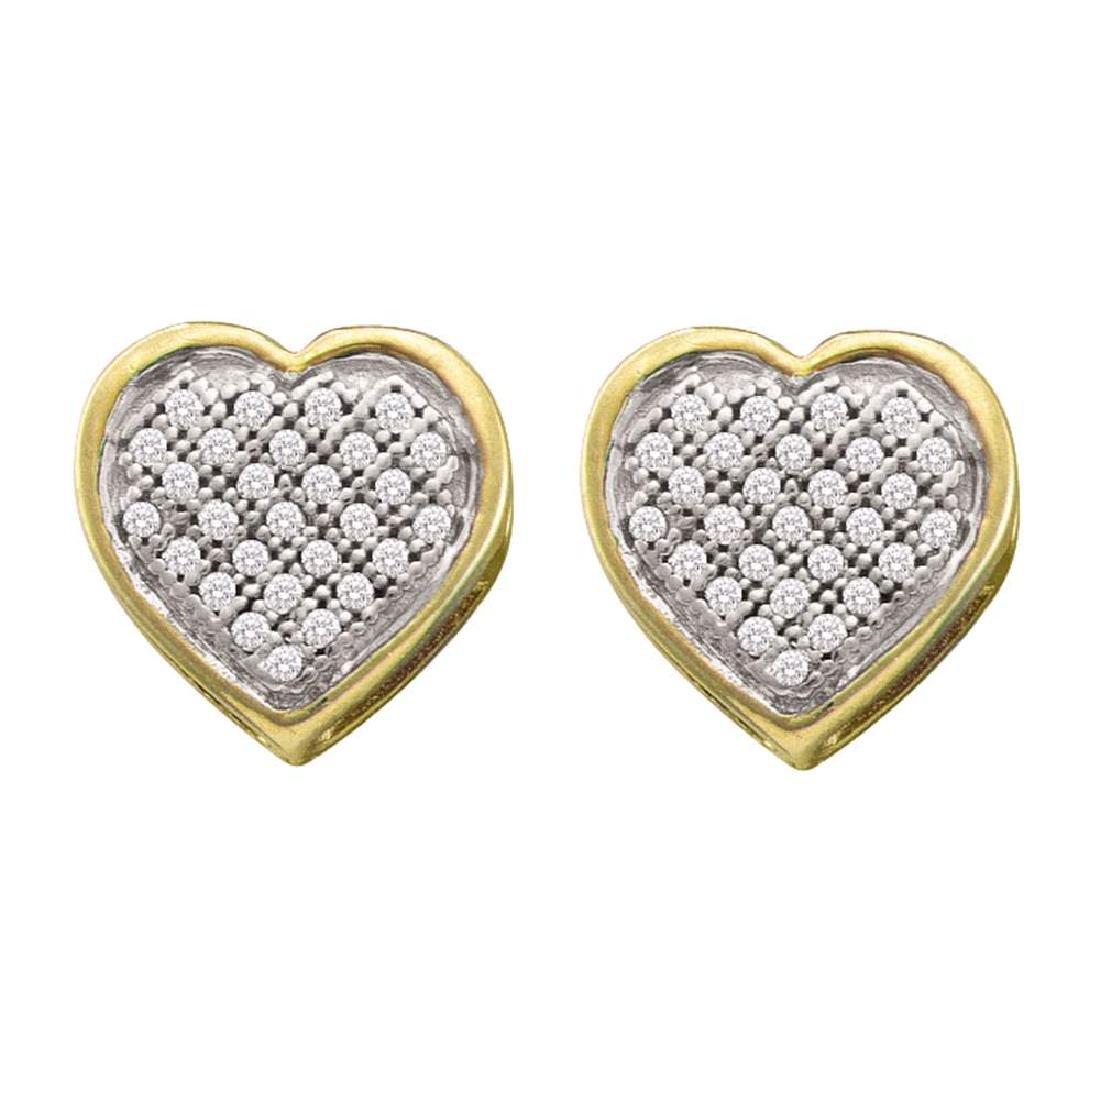 0.14 CTW Diamond Heart Earrings 10KT Yellow Gold -